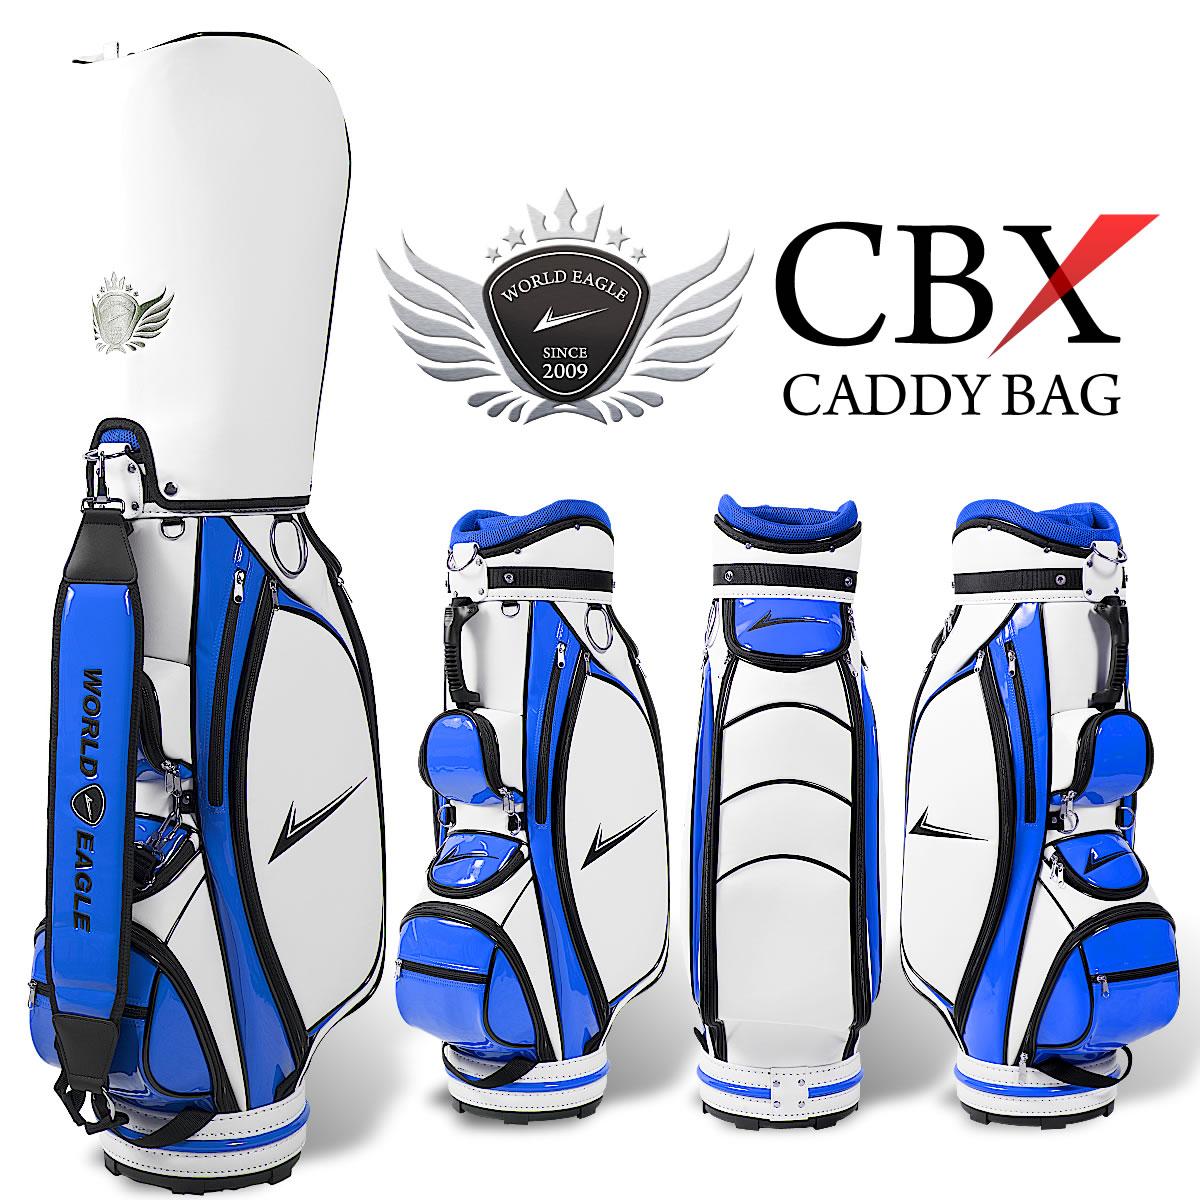 アウトレット 展示品 令和を迎えた最初のラウンドは、新しいゴルフバッグで気分一新!CBX005 メンズカートバッグ【沖縄/北海道は別途送料必要】【add-option】【あす楽】